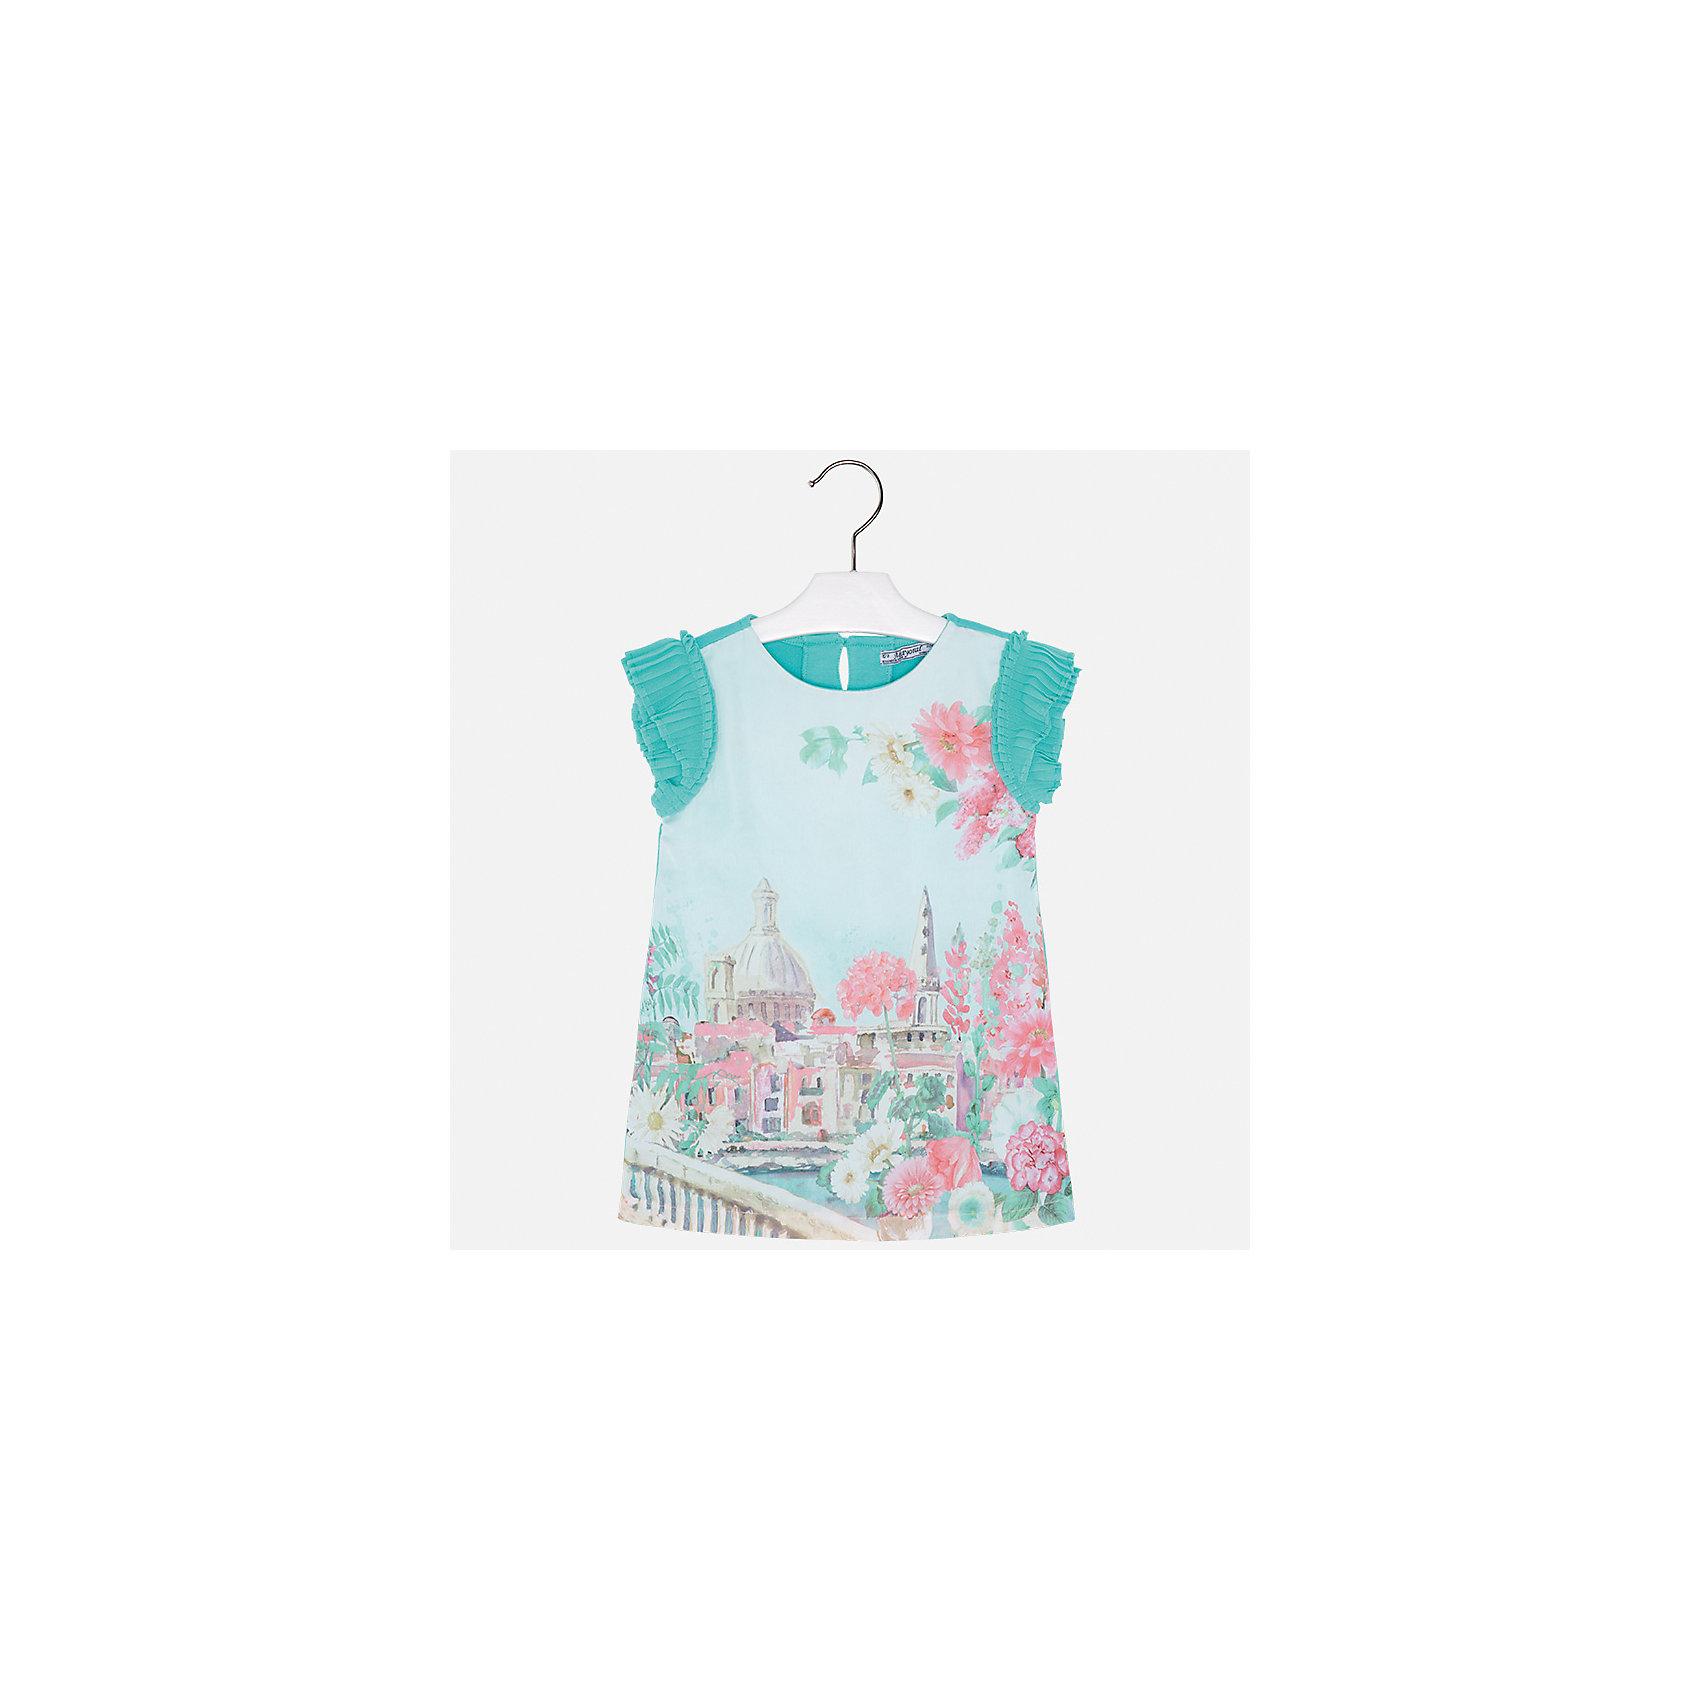 Платье для девочки MayoralЛетние платья и сарафаны<br>Характеристики товара:<br><br>• цвет: зелёный<br>• состав: 70% полиэстер, 28% хлопок, 2% эластан, подкладка - 95% хлопок, 5% эластан<br>• застежка: молния<br>• принт<br>• объемные короткие рукава<br>• прямой силуэт<br>• с подкладкой<br>• страна бренда: Испания<br><br>Эффектное платье для девочки поможет разнообразить гардероб ребенка и создать эффектный наряд. Оно отлично подойдет и для торжественных случаев. В составе материала подкладки - натуральный хлопок, гипоаллергенный, приятный на ощупь, дышащий. Платье хорошо сидит по фигуре.<br><br>Платье для девочки от испанского бренда Mayoral (Майорал) можно купить в нашем интернет-магазине.<br><br>Ширина мм: 236<br>Глубина мм: 16<br>Высота мм: 184<br>Вес г: 177<br>Цвет: синий<br>Возраст от месяцев: 96<br>Возраст до месяцев: 108<br>Пол: Женский<br>Возраст: Детский<br>Размер: 134,92,98,104,110,116,122,128<br>SKU: 5291198